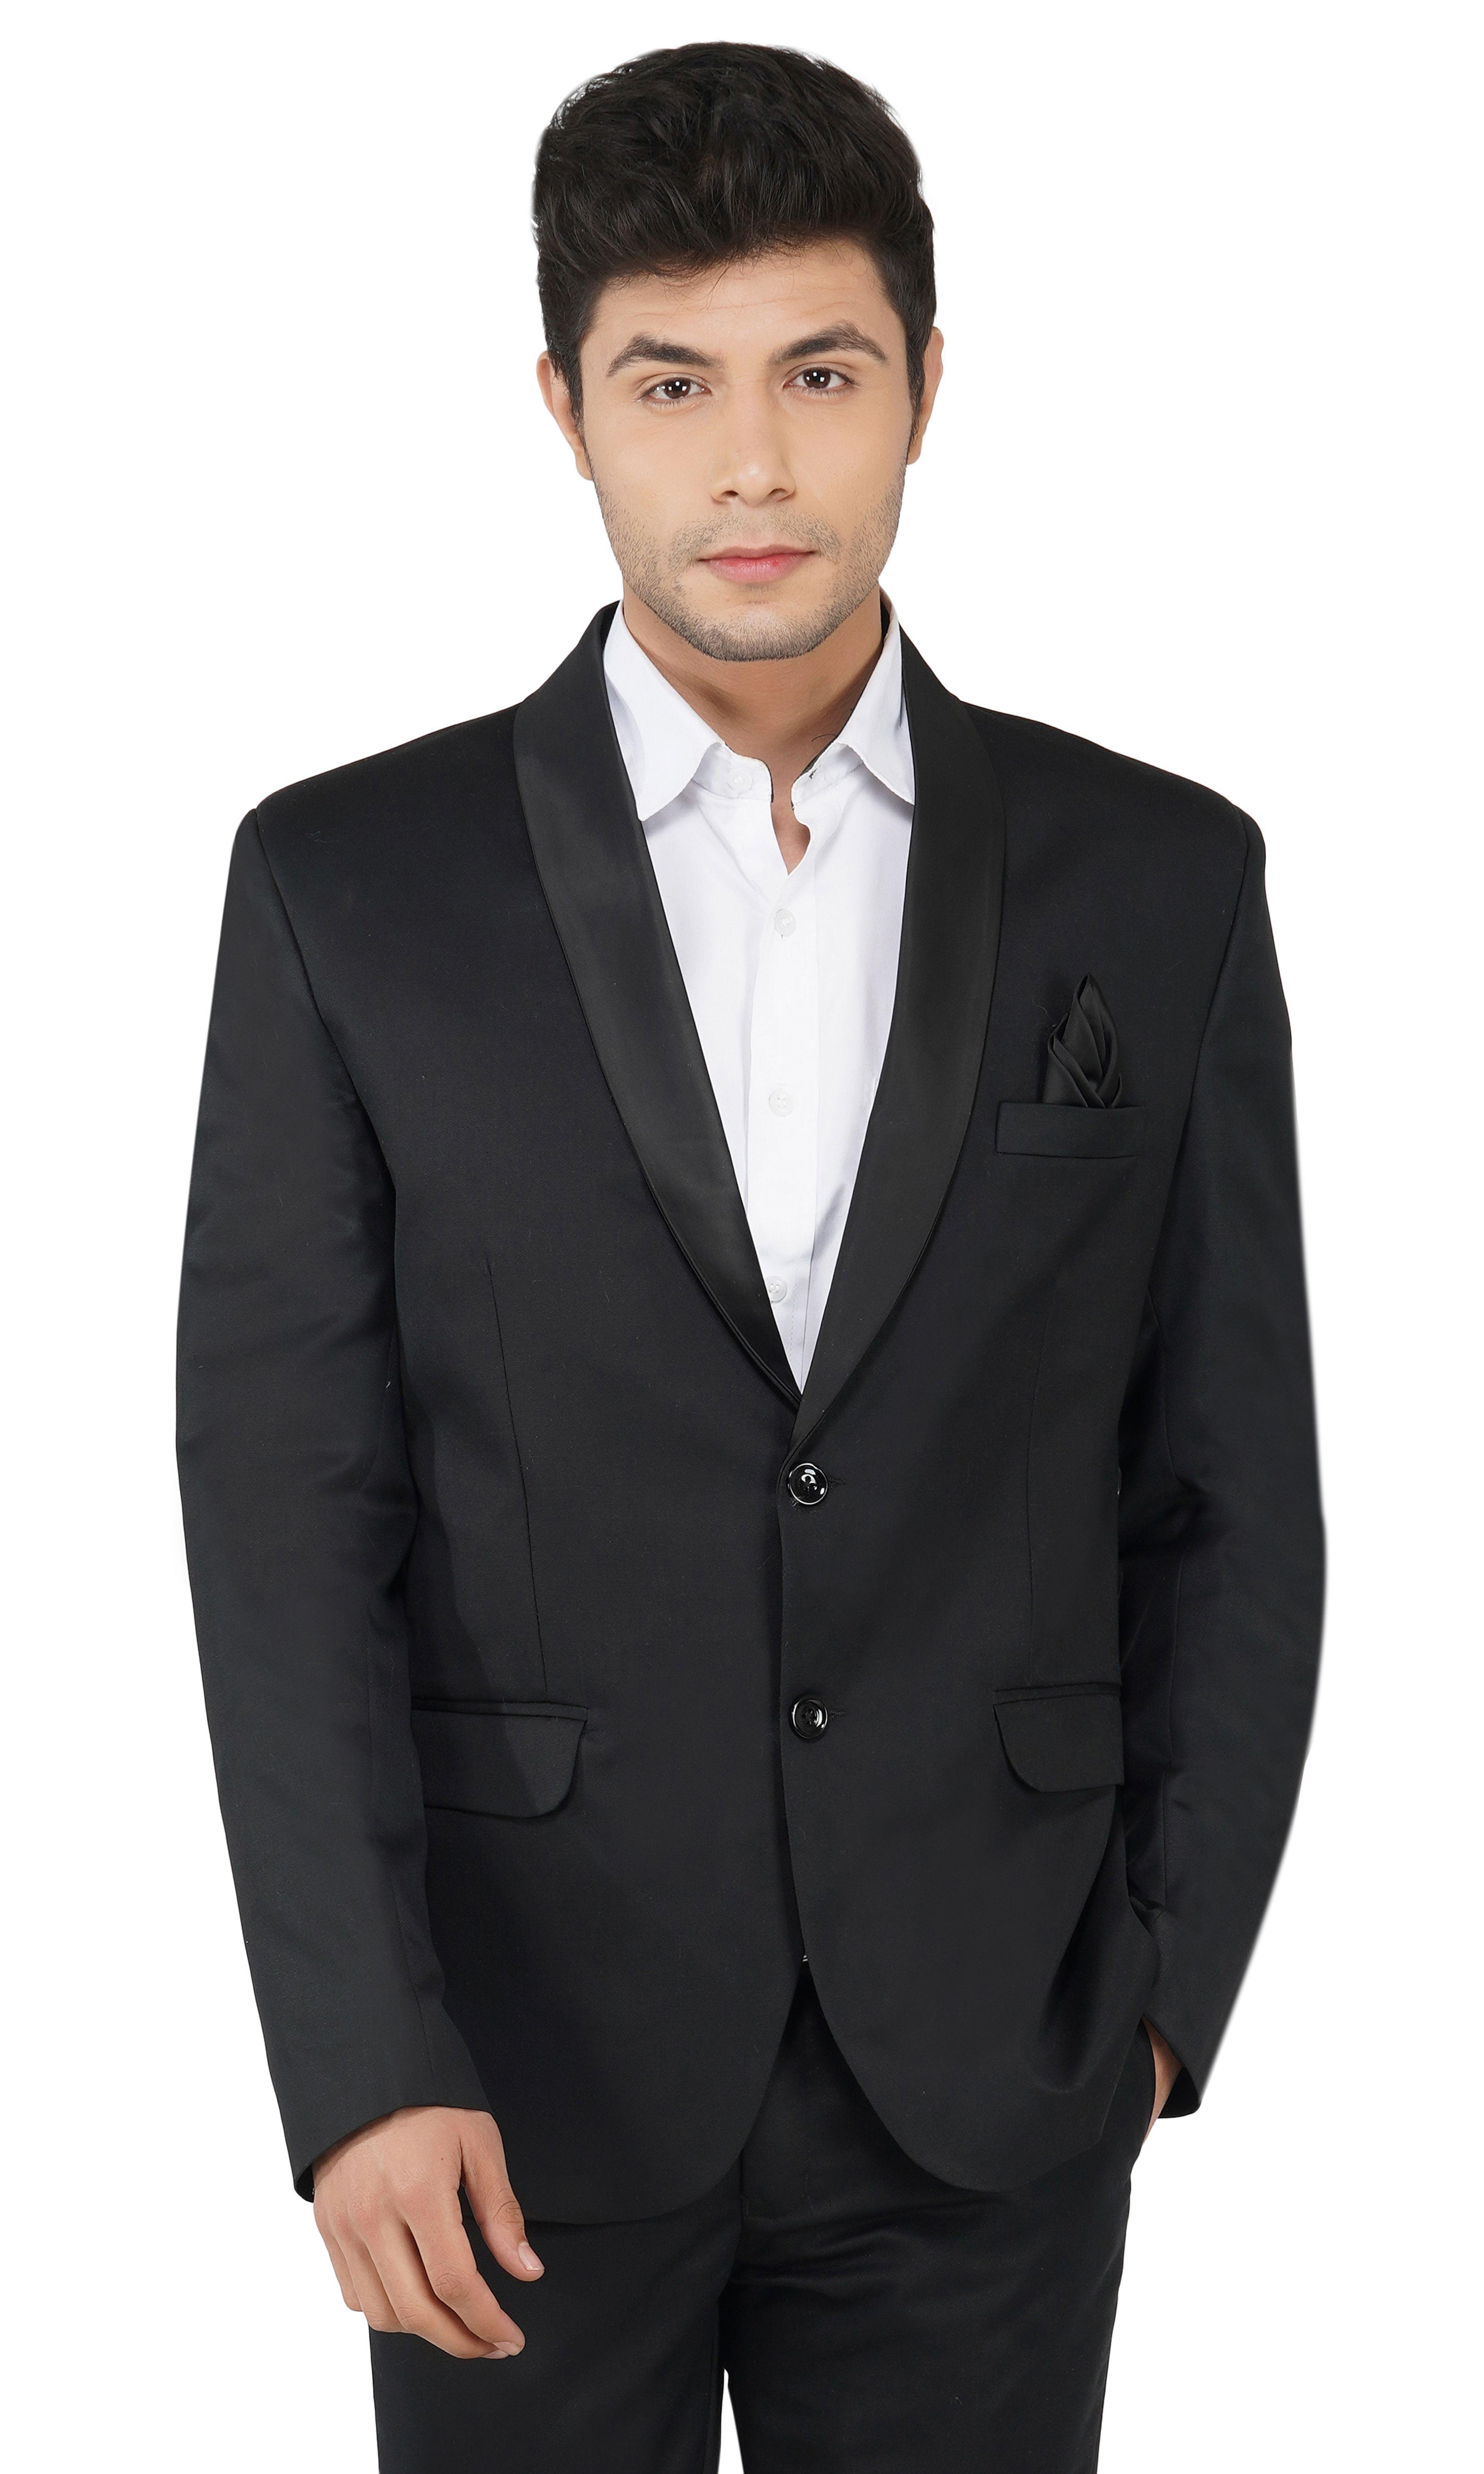 TAHVO | Black Tuxedo Blazer For Men